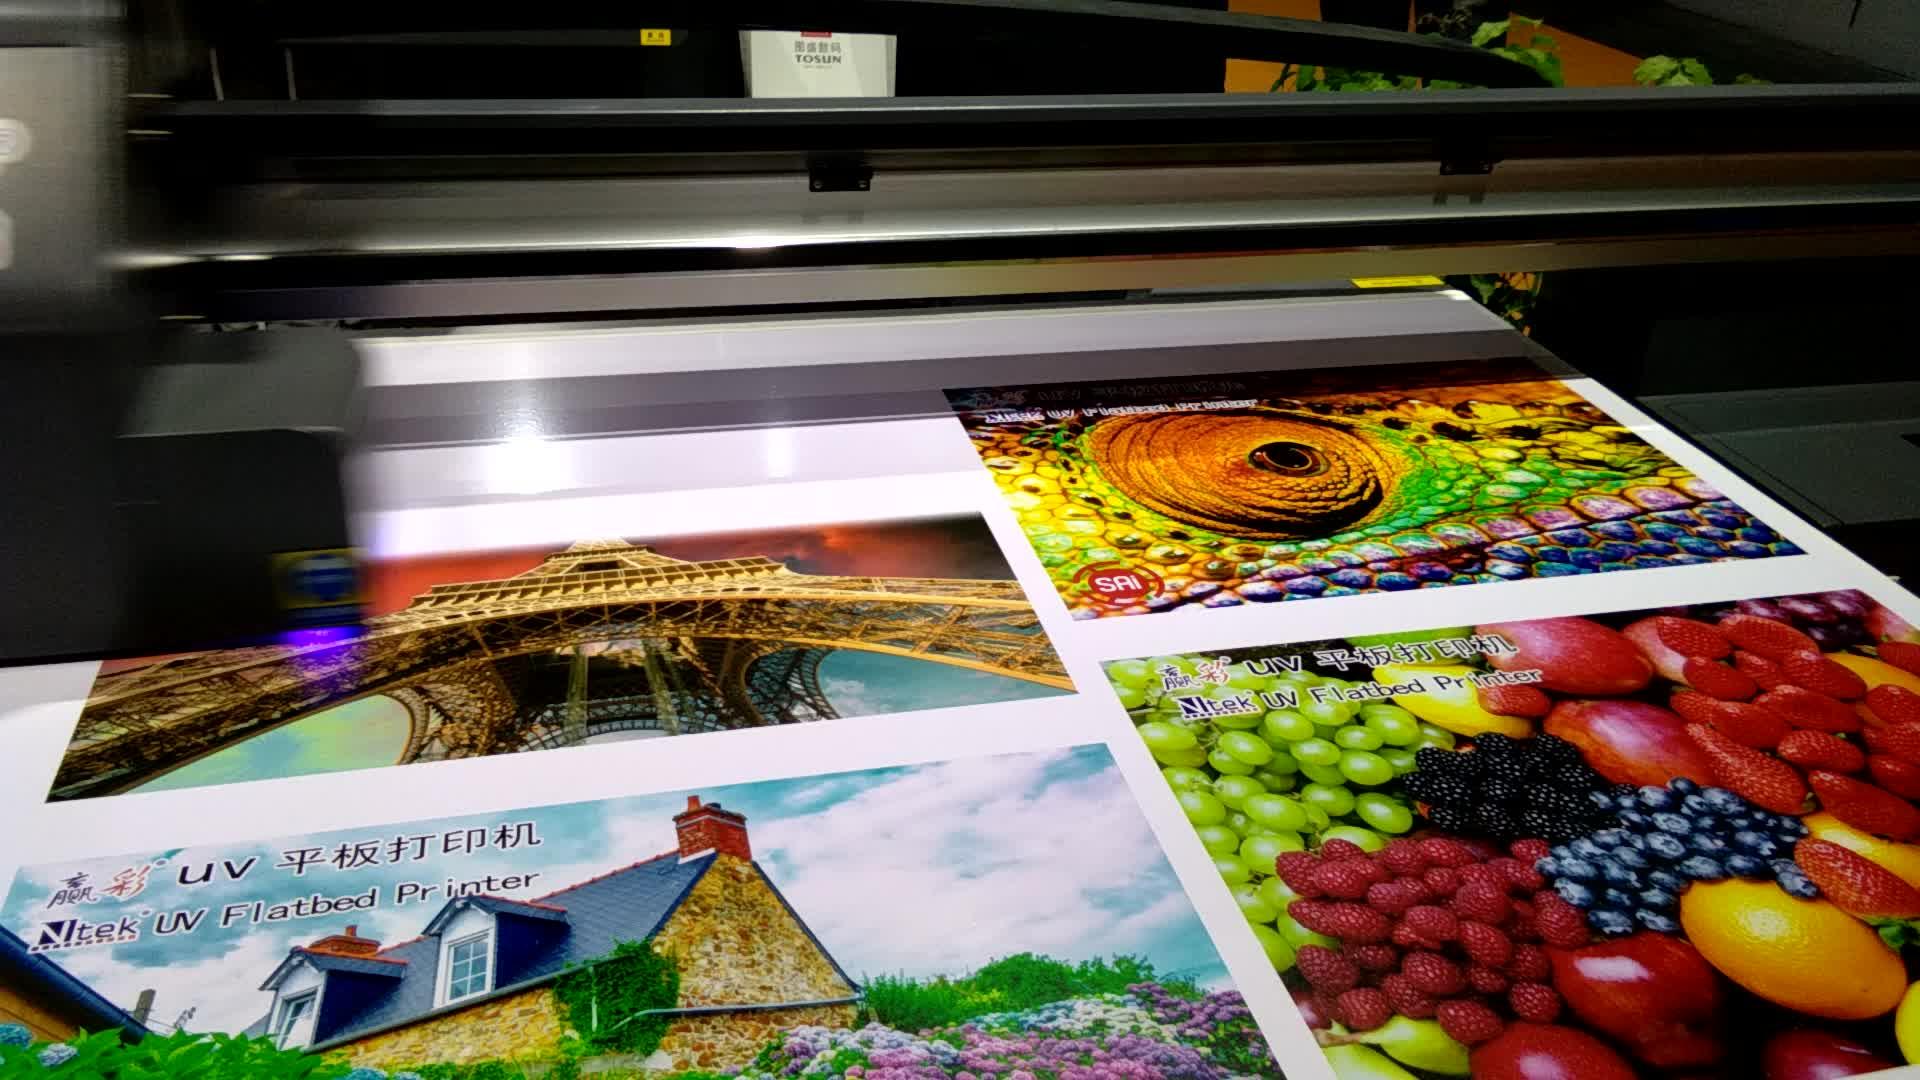 Impresora plana tipo de placa y ingenieros disponibles para servicio de las máquinas en el extranjero Servicio Postventa siempre impresora uv